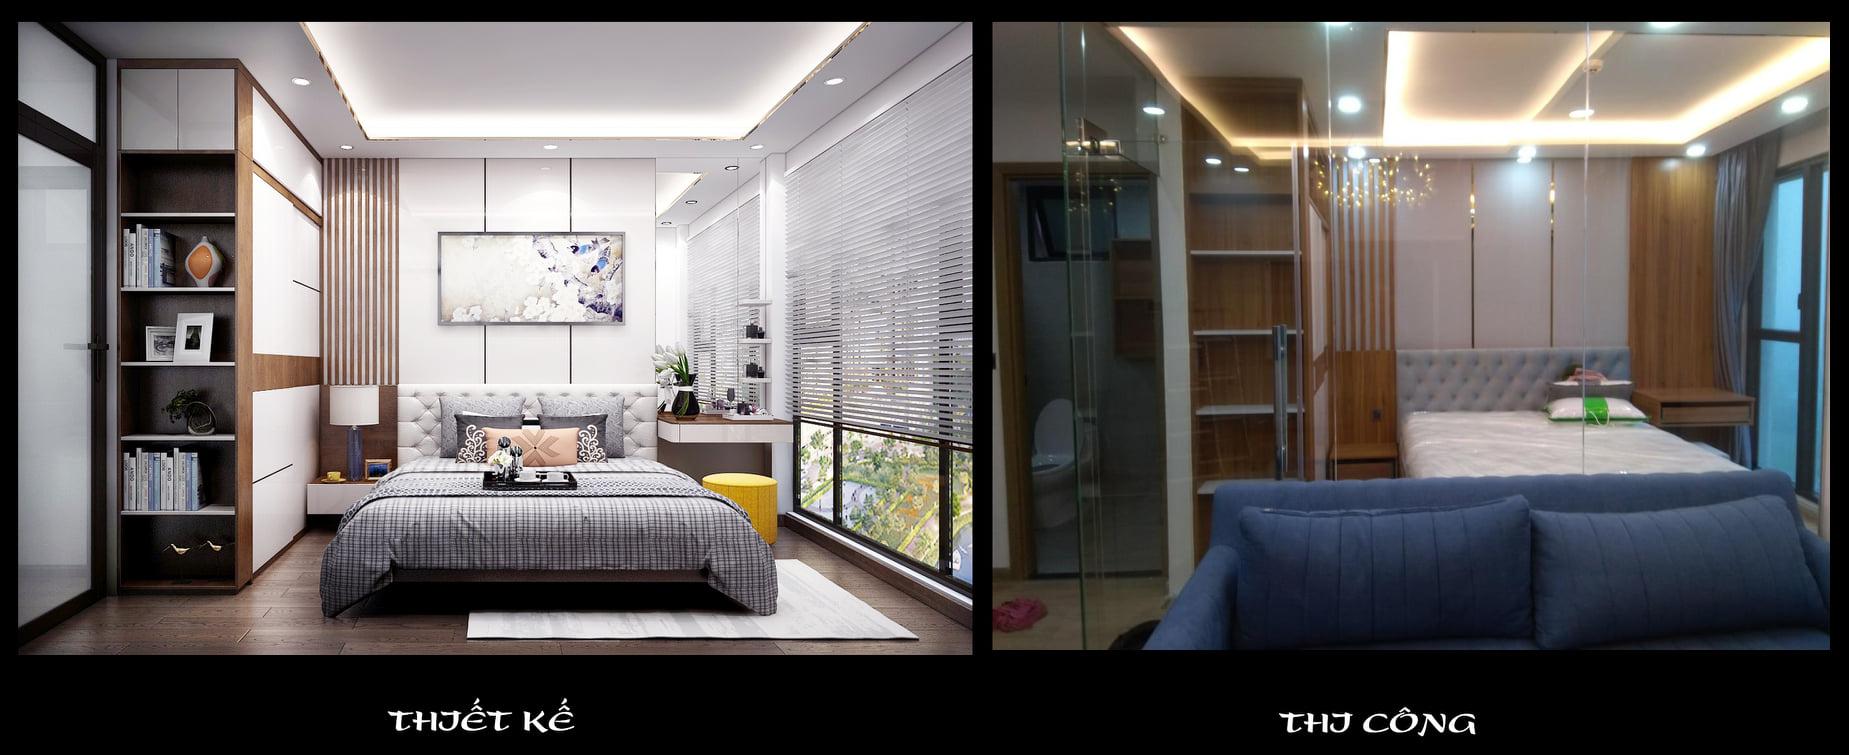 Ý tưởng trang trí phòng ngủ theo xu hướng hiện đại 2021